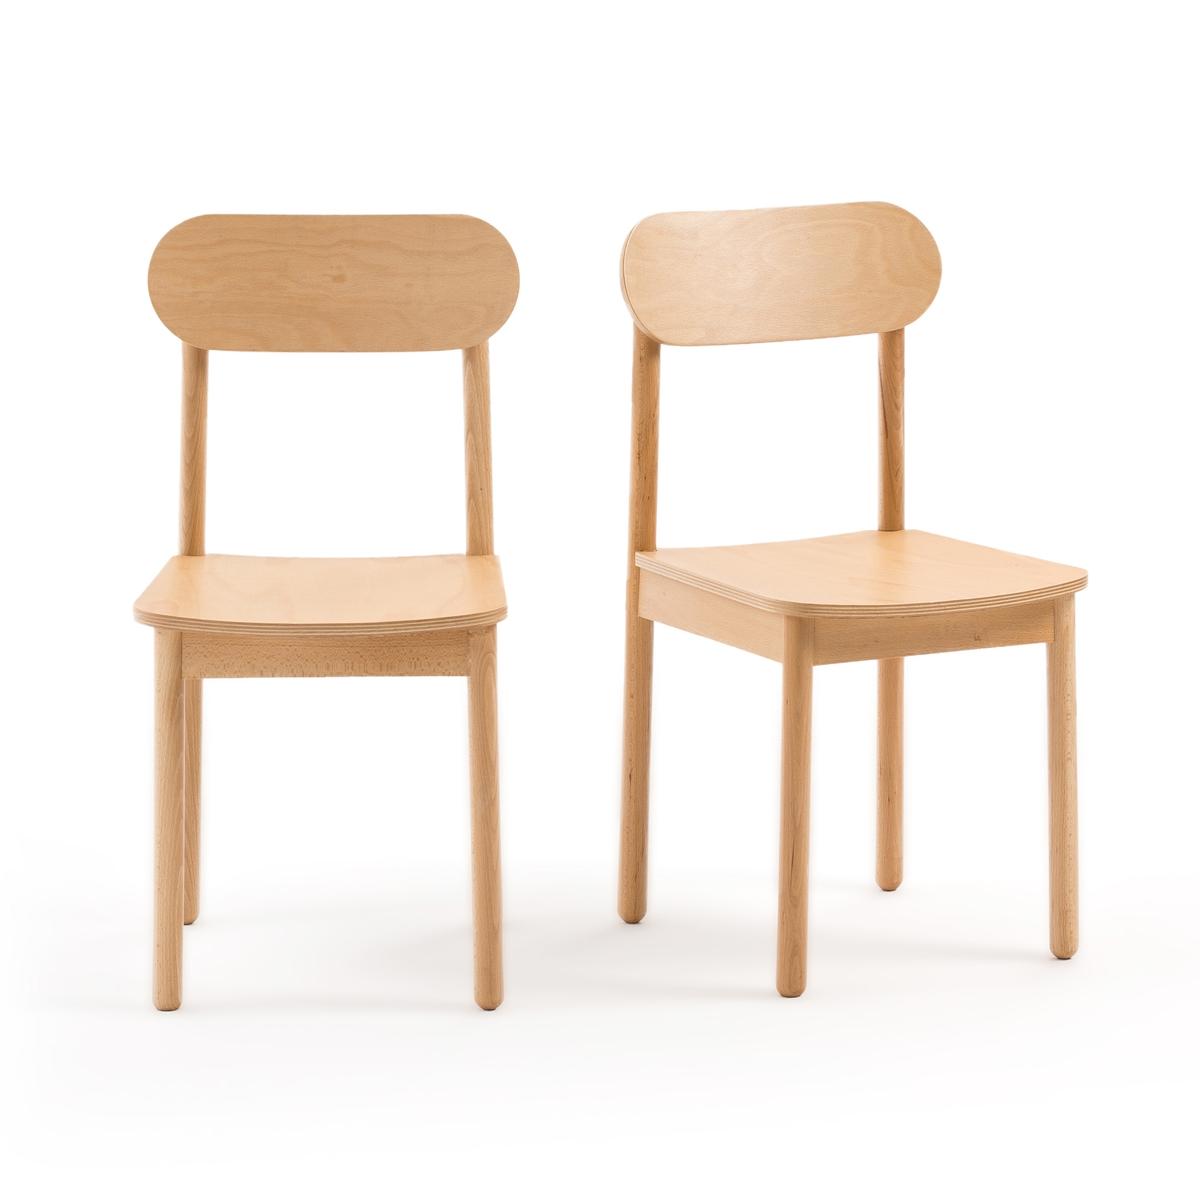 Комплект из 2 стульев JIMI LaRedoute La Redoute единый размер бежевый кресло la redoute обеденное jimi единый размер серый